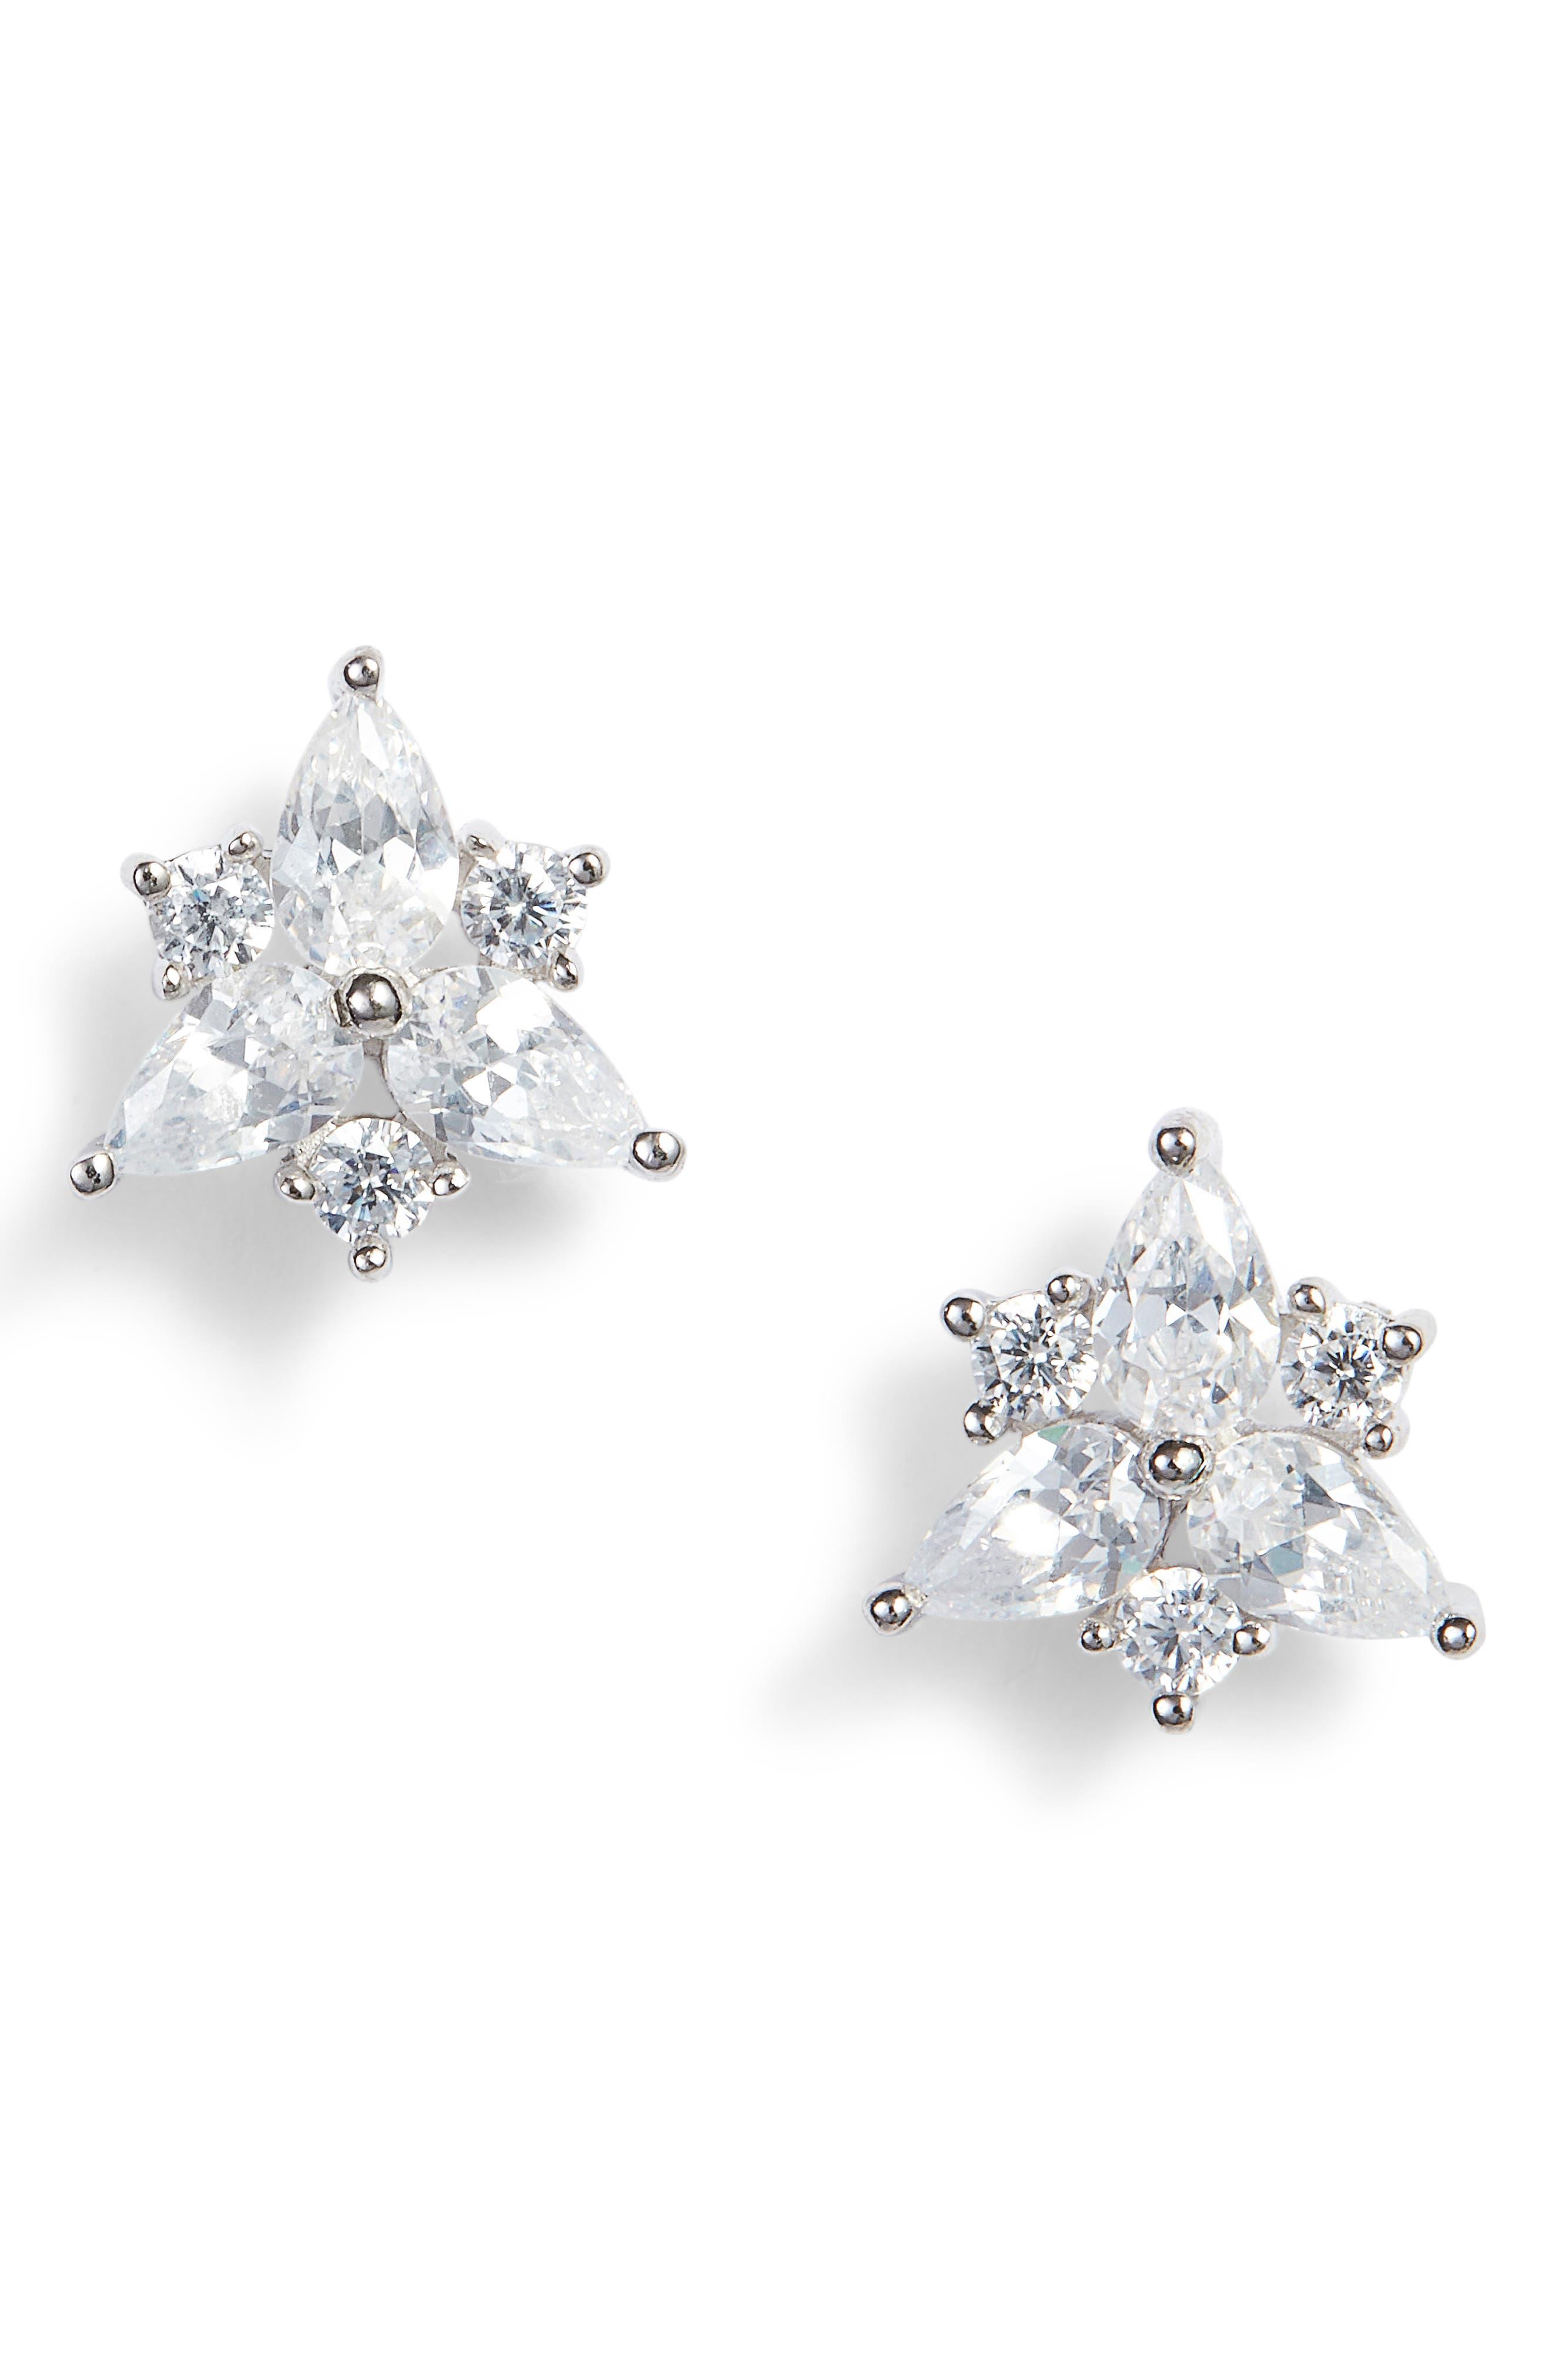 Nordstrom Pear Starburst Stud Earrings